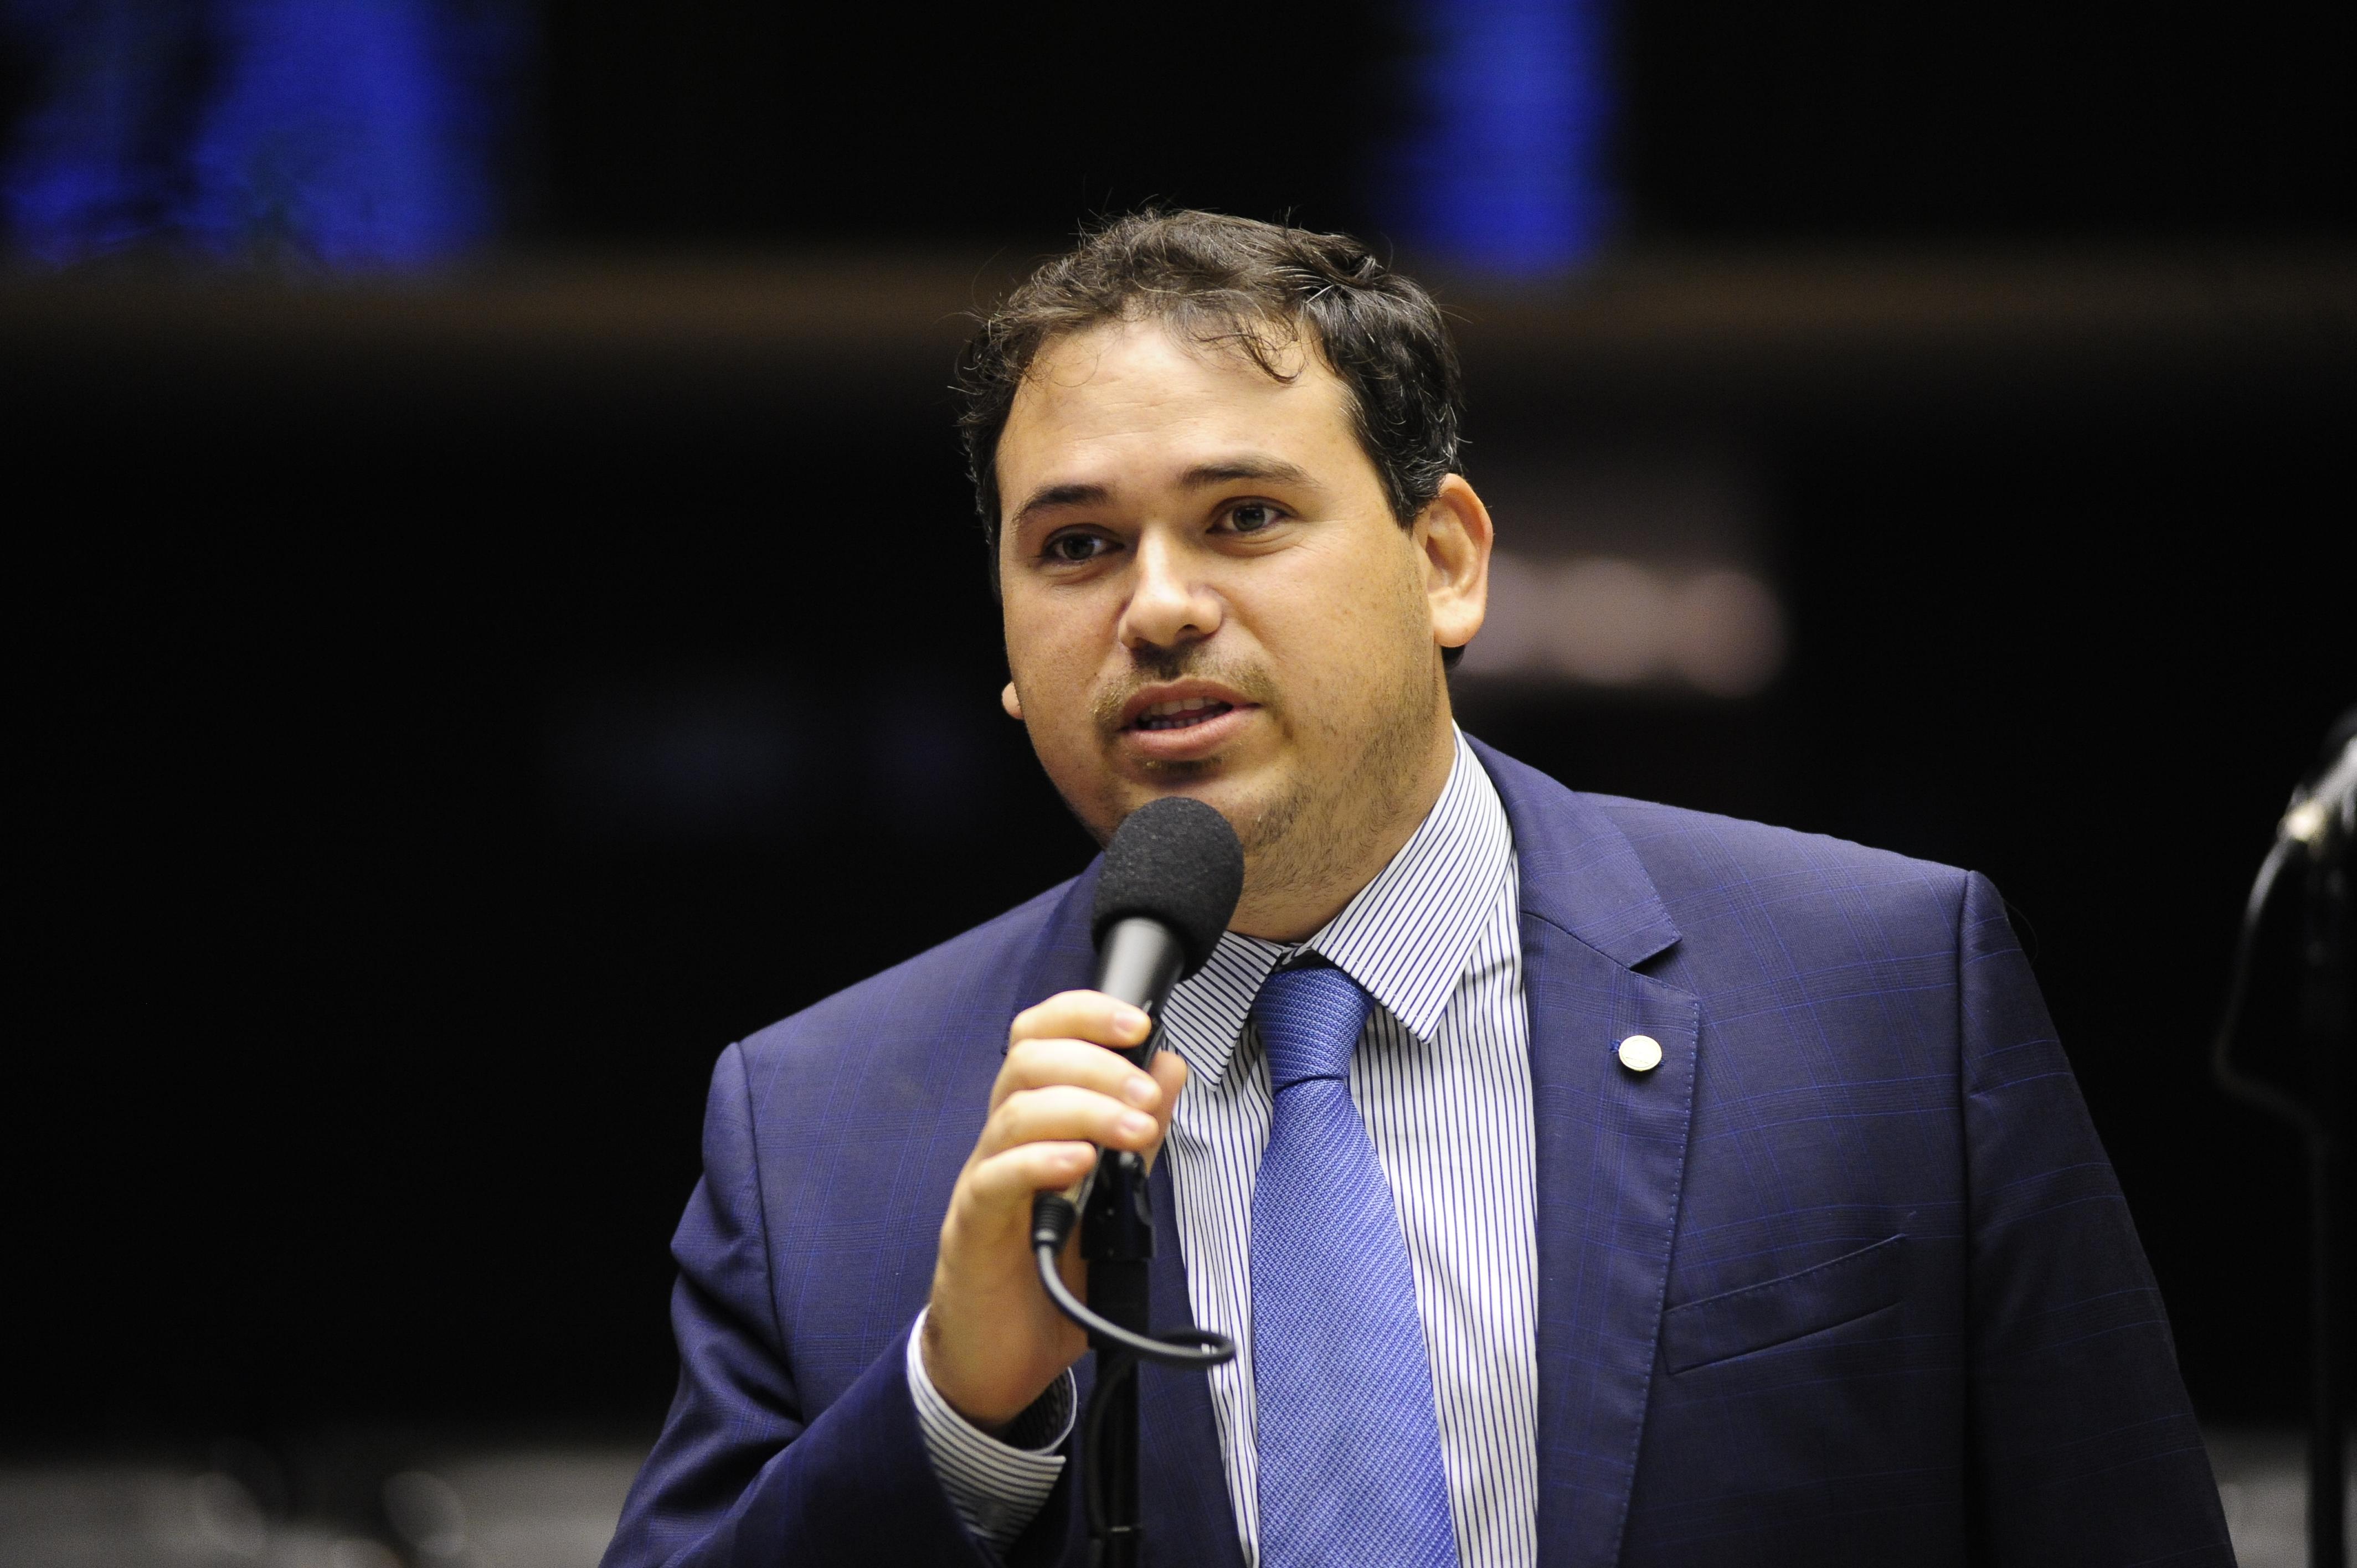 Dep. Beto Rosado